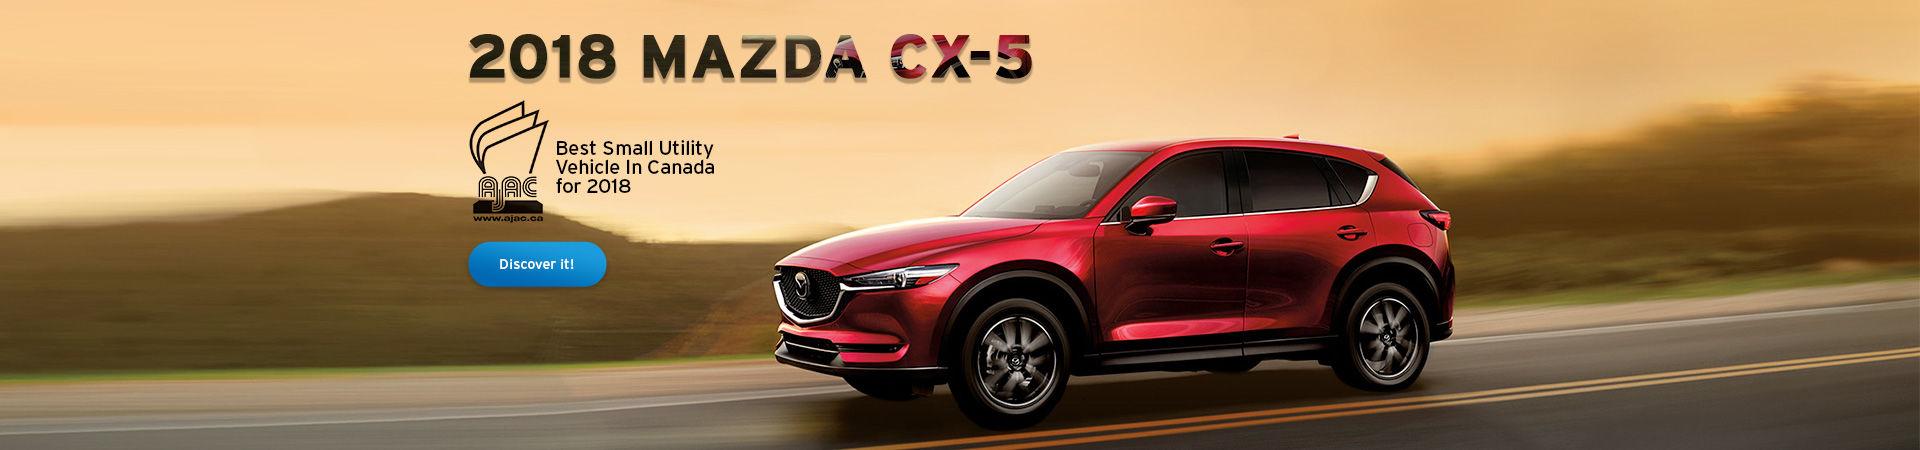 2018 Mazda CX-5 AJAC